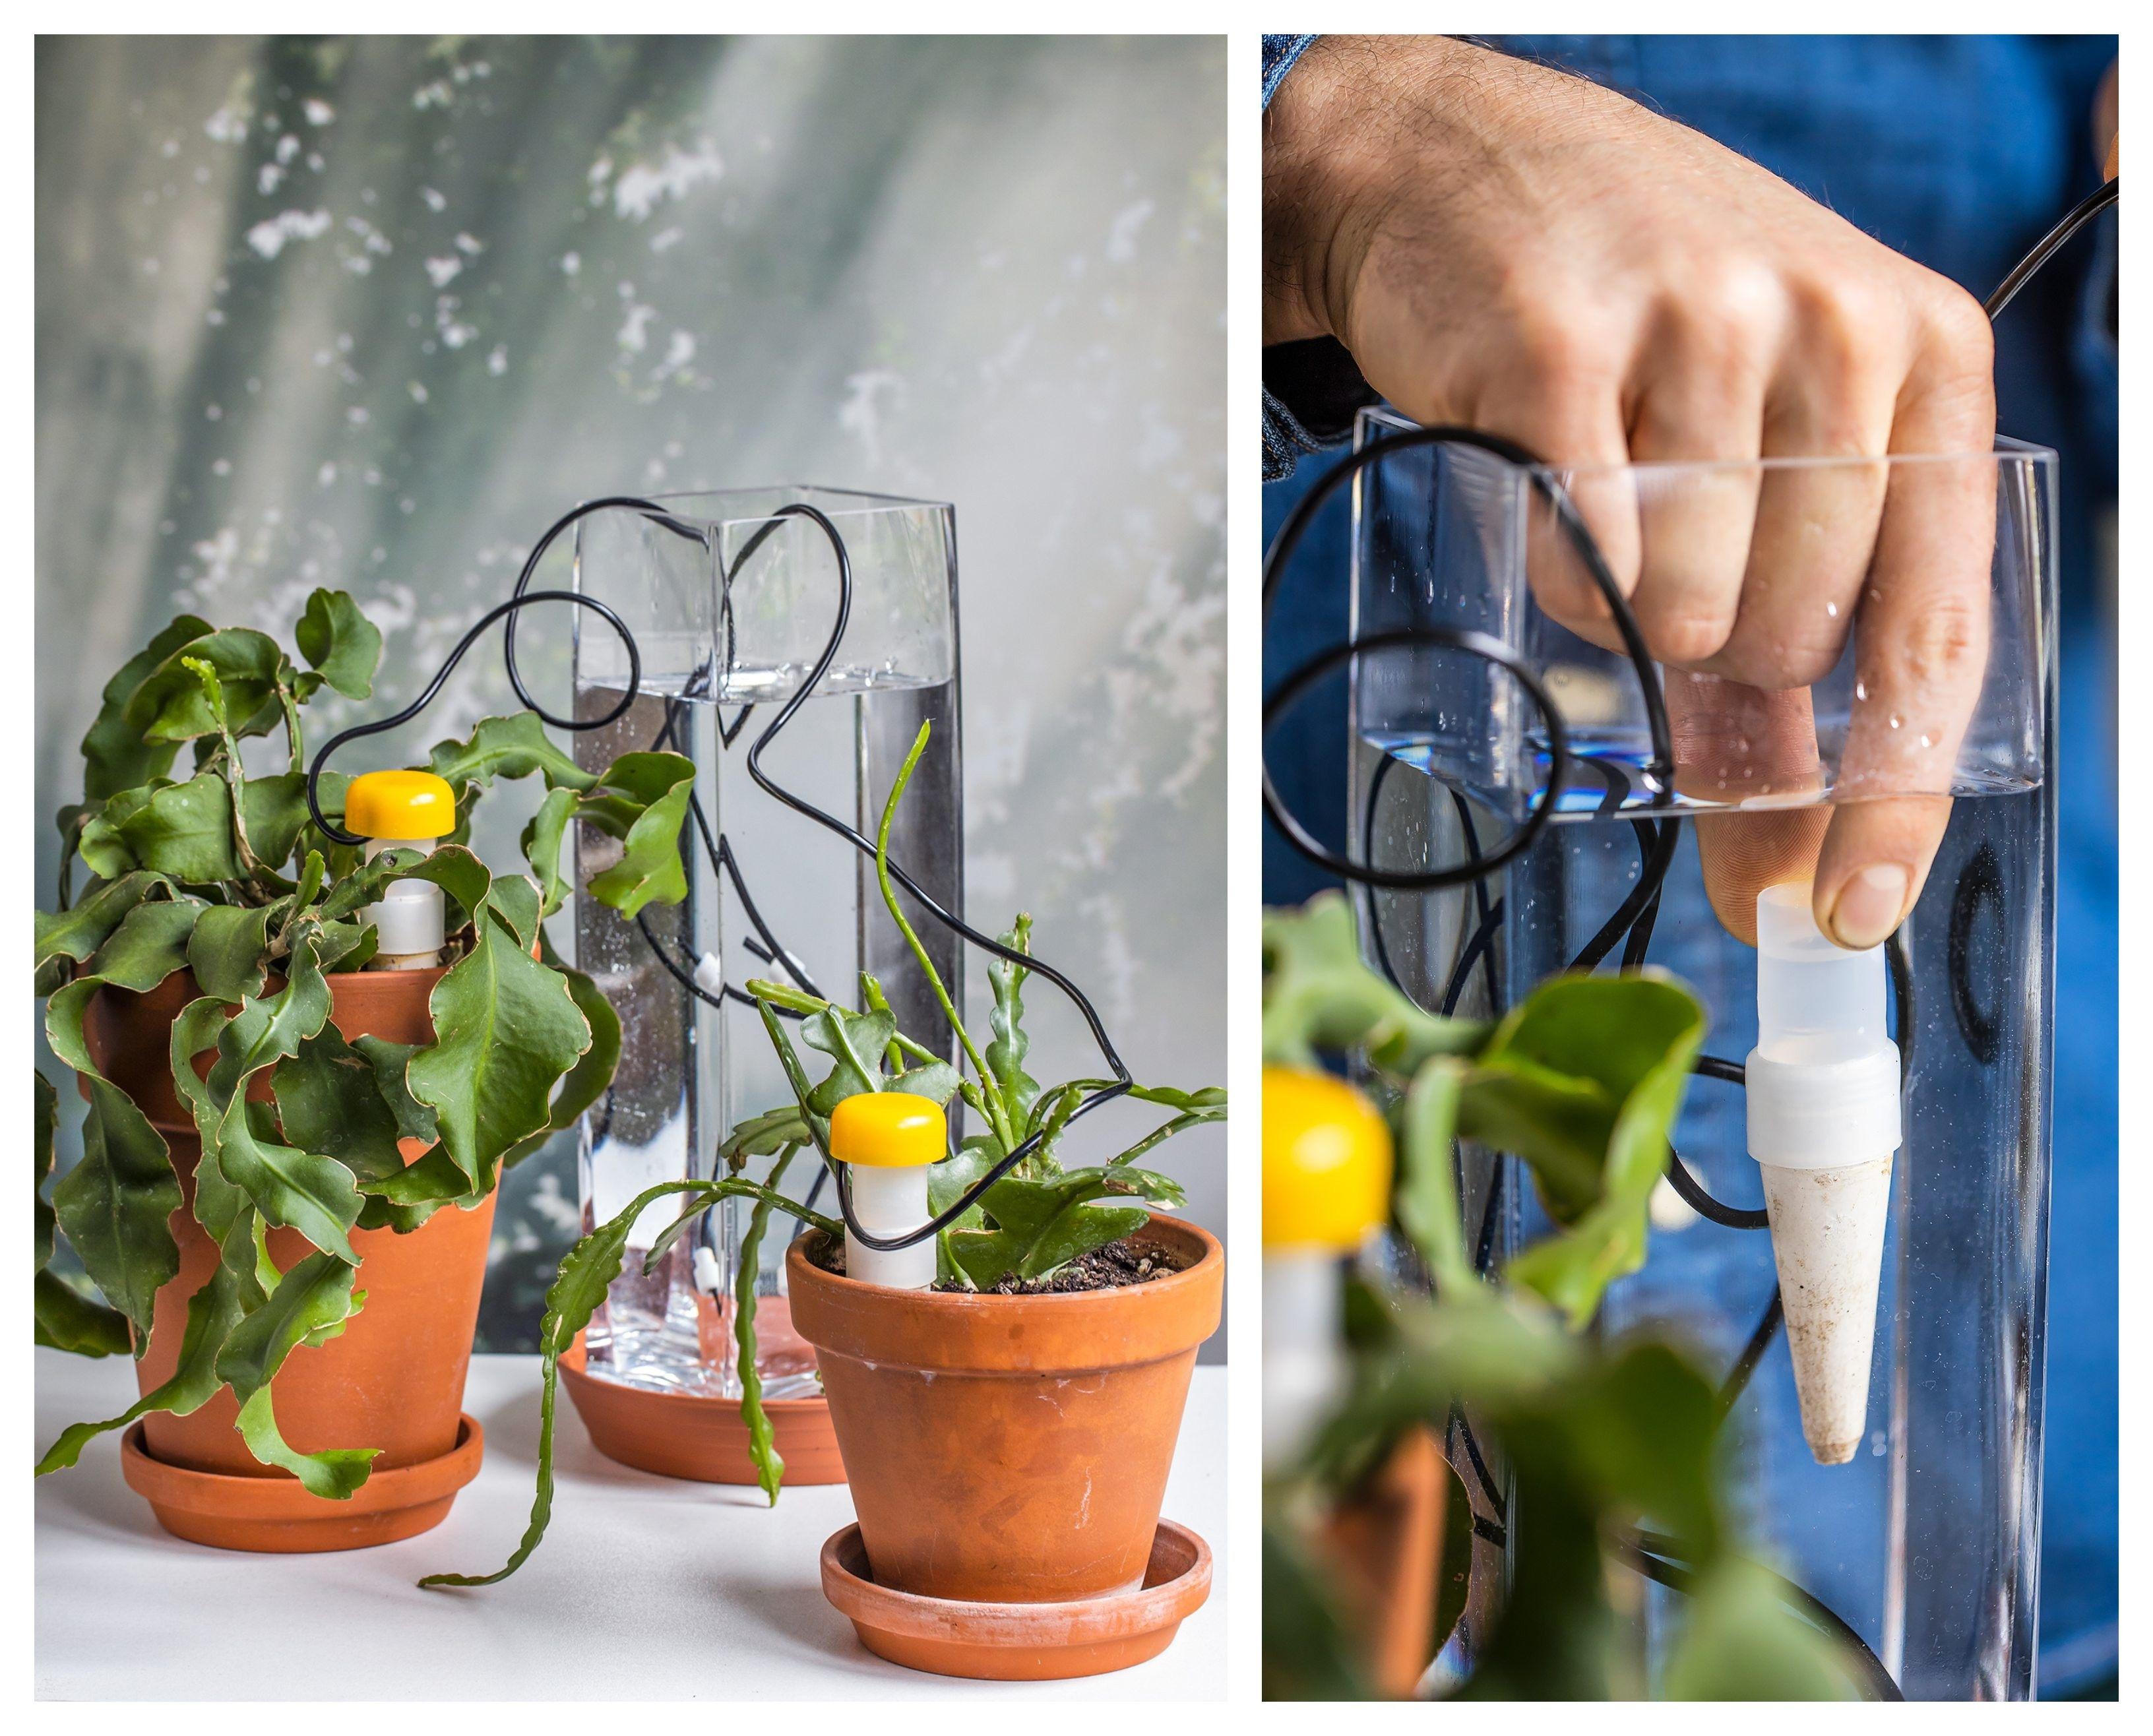 Latwe Podlewanie Roslin W Czasie Urlopu Planters Planter Pots Pot